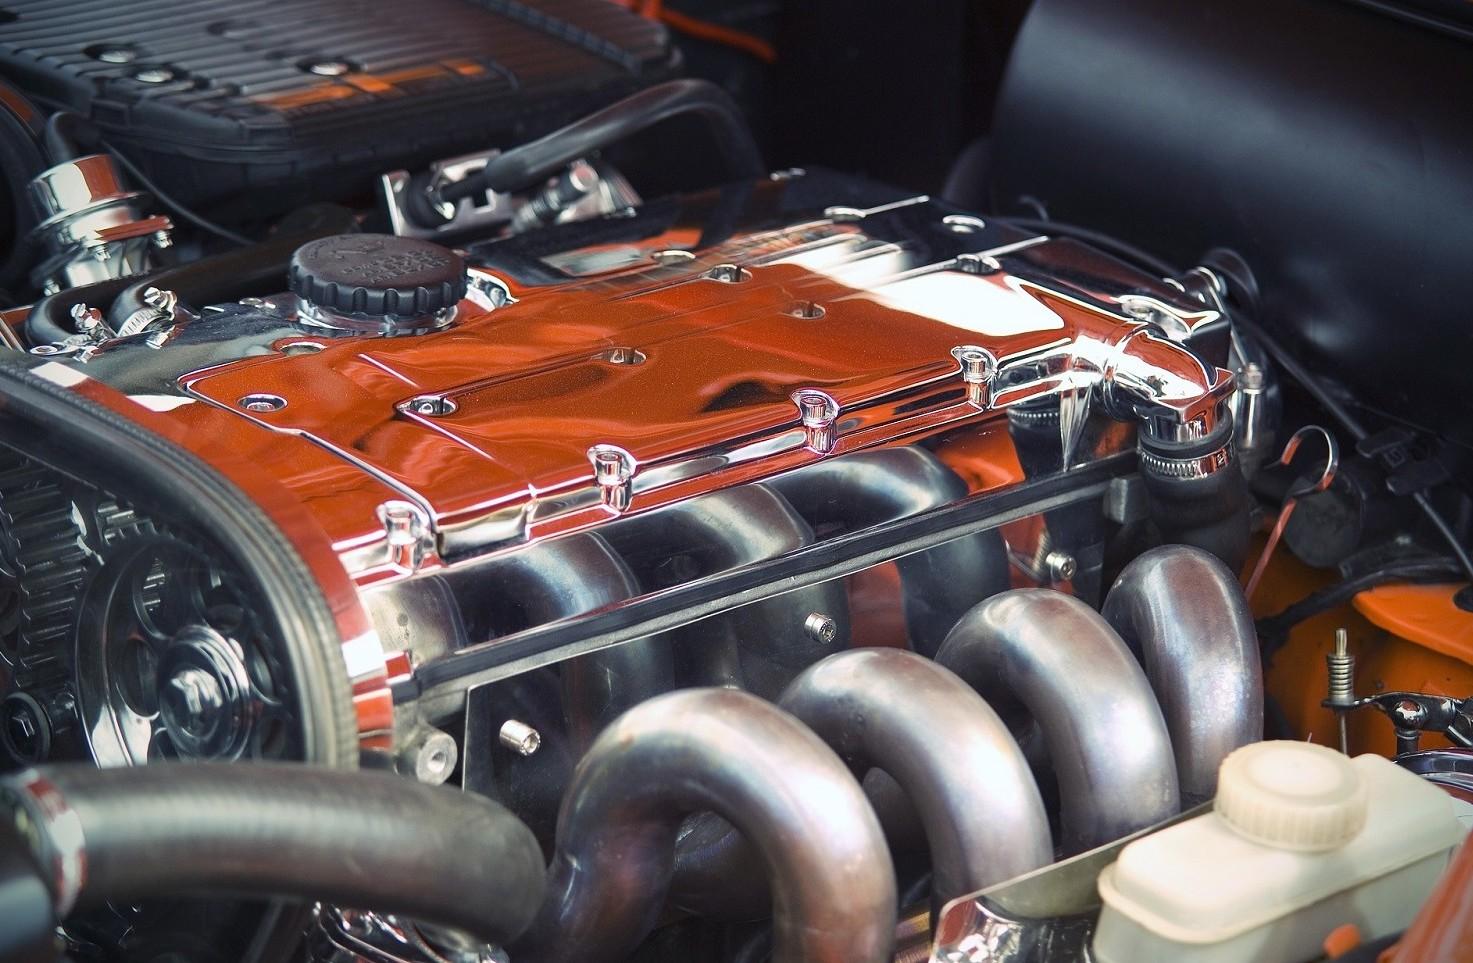 Auto diesel gpl perché convengono e come